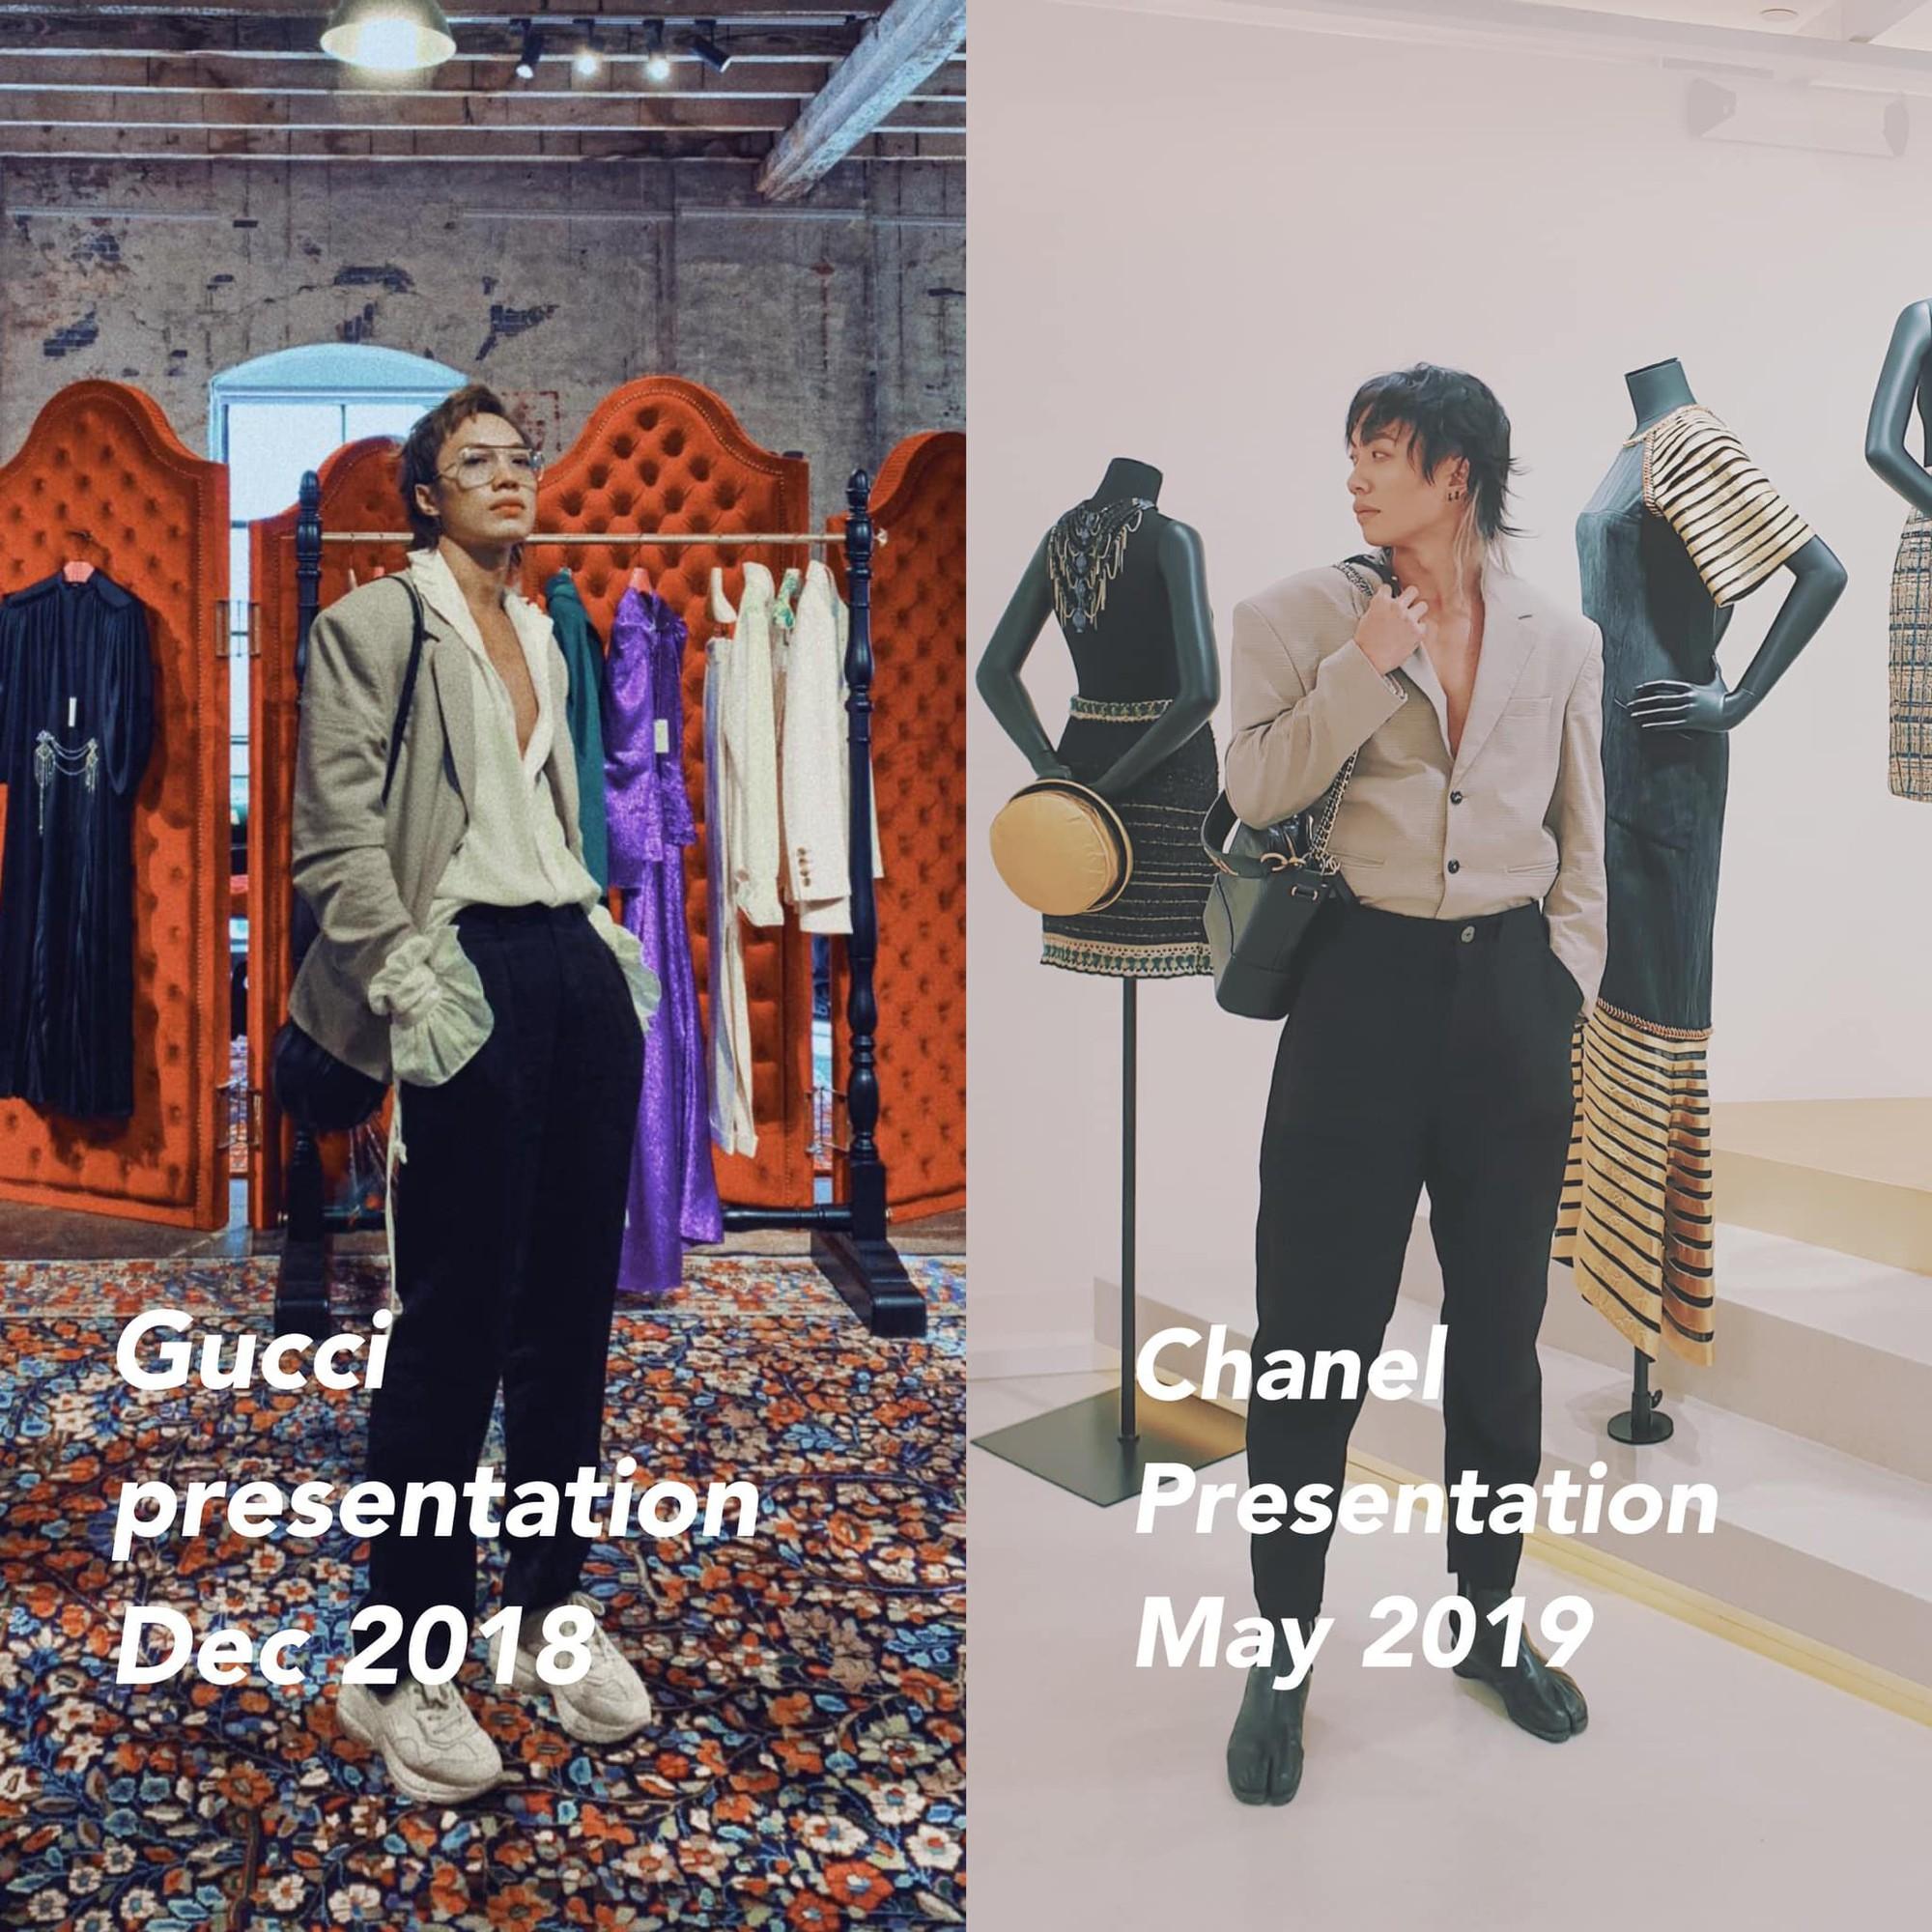 tái sử dụng quần áo cũ - photo 1 1560331358579639346696 - Sao Việt lẫn dàn KOLs nổi tiếng vẫn chăm chỉ tái chế quần áo cũ dù dư tiền mua đồ mới